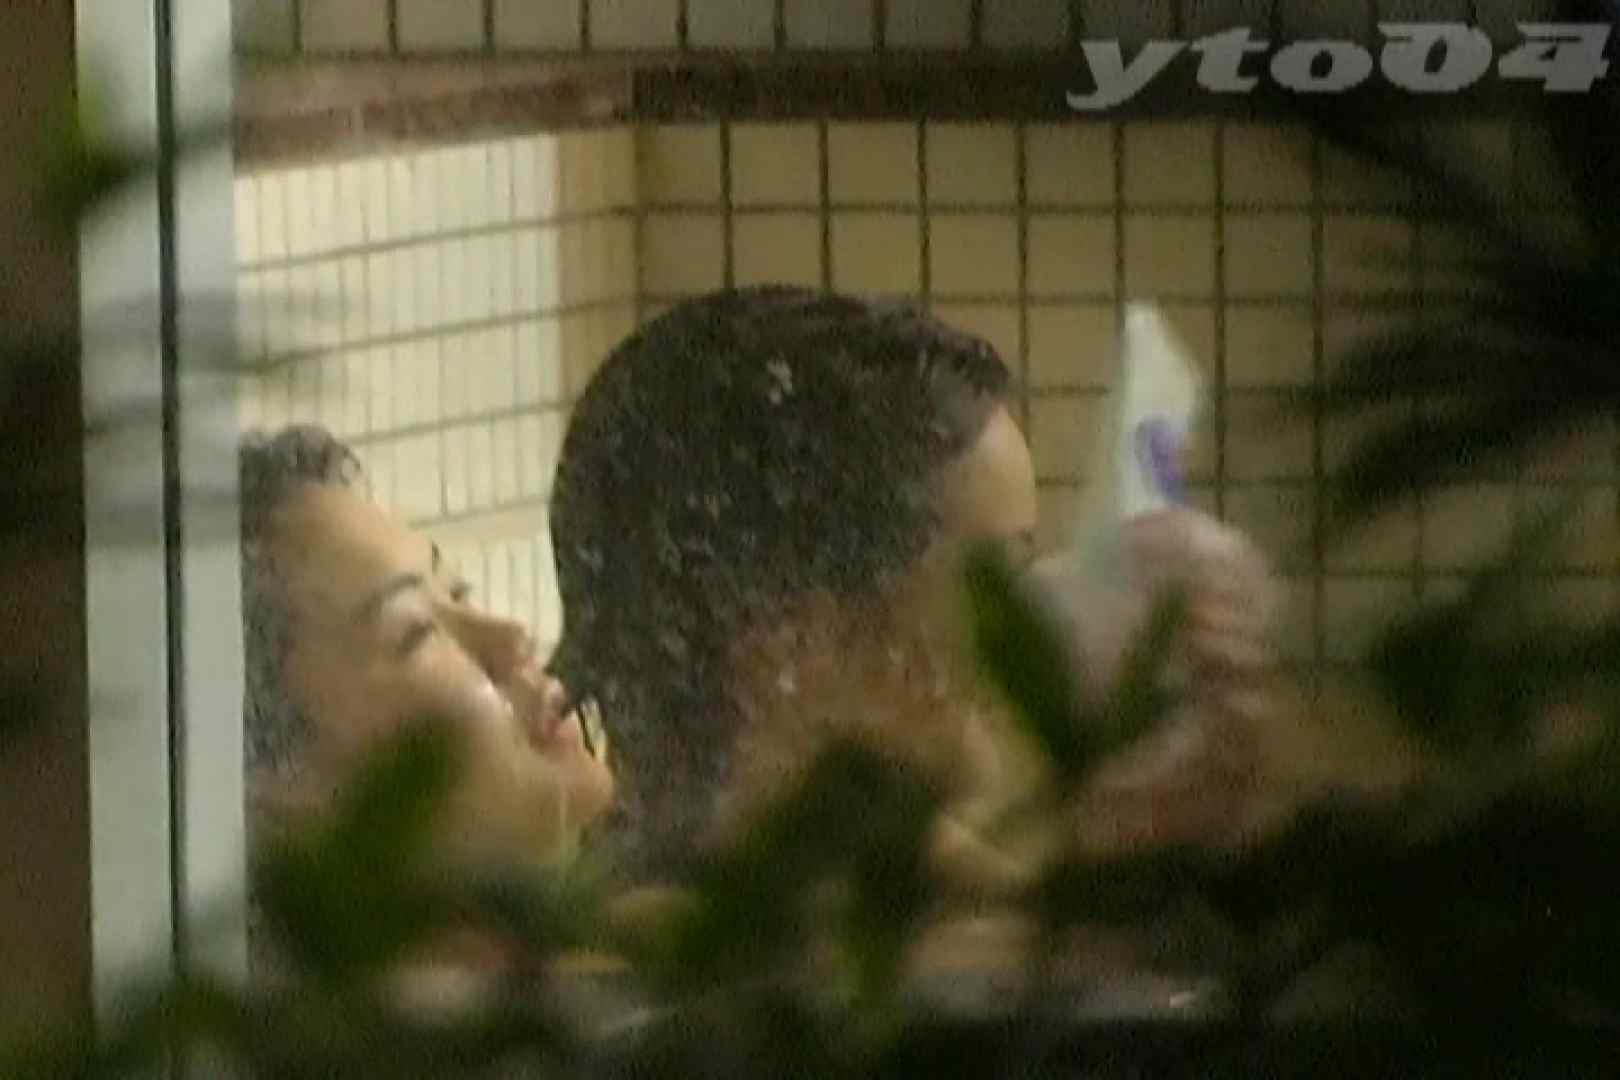 ▲復活限定▲合宿ホテル女風呂盗撮 Vol.22 盗撮名作 AV動画キャプチャ 74PIX 53